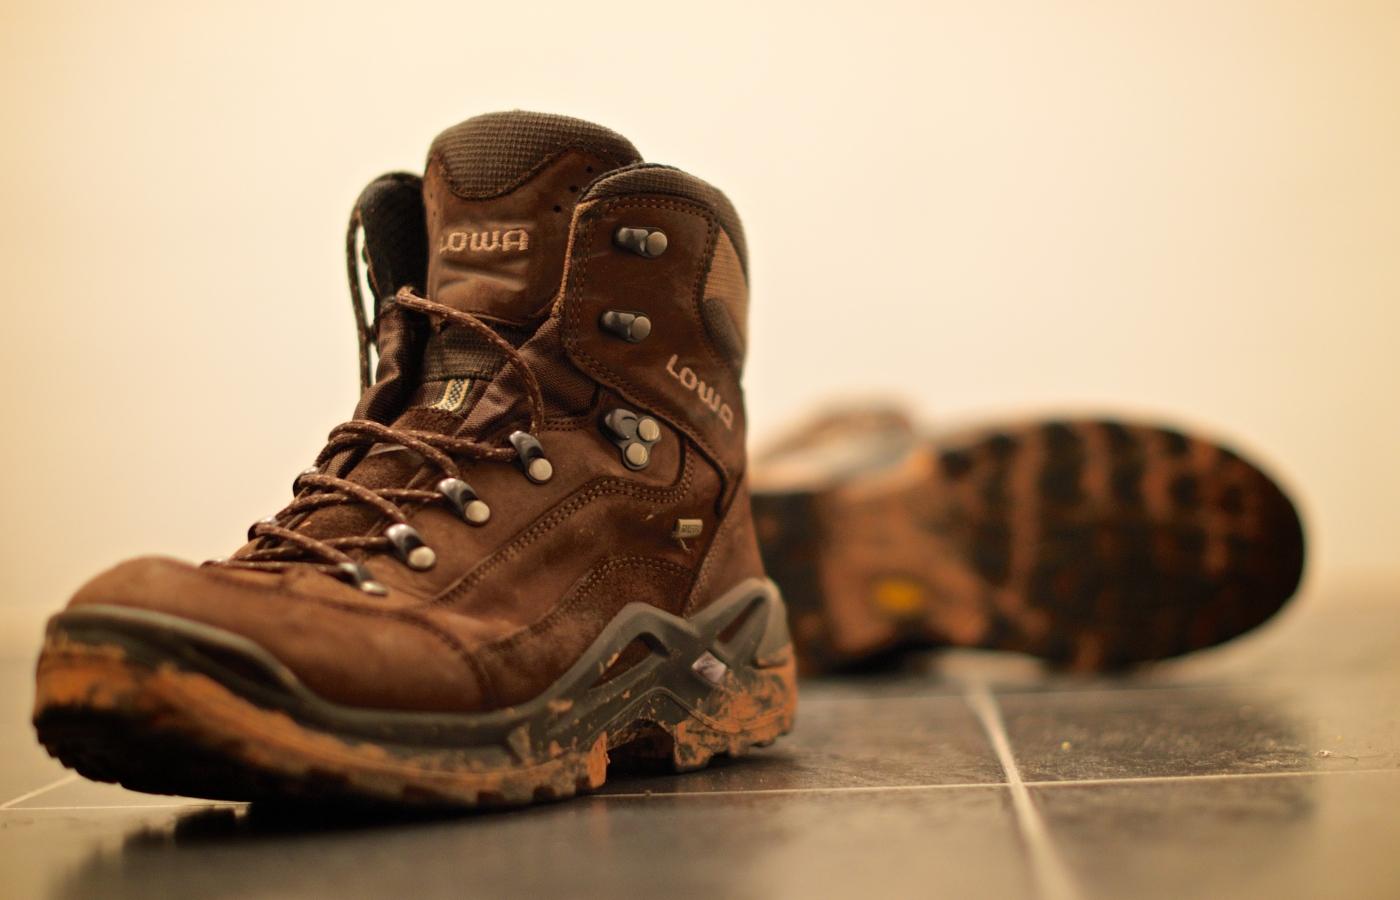 Choisir ses chaussures de randonnée